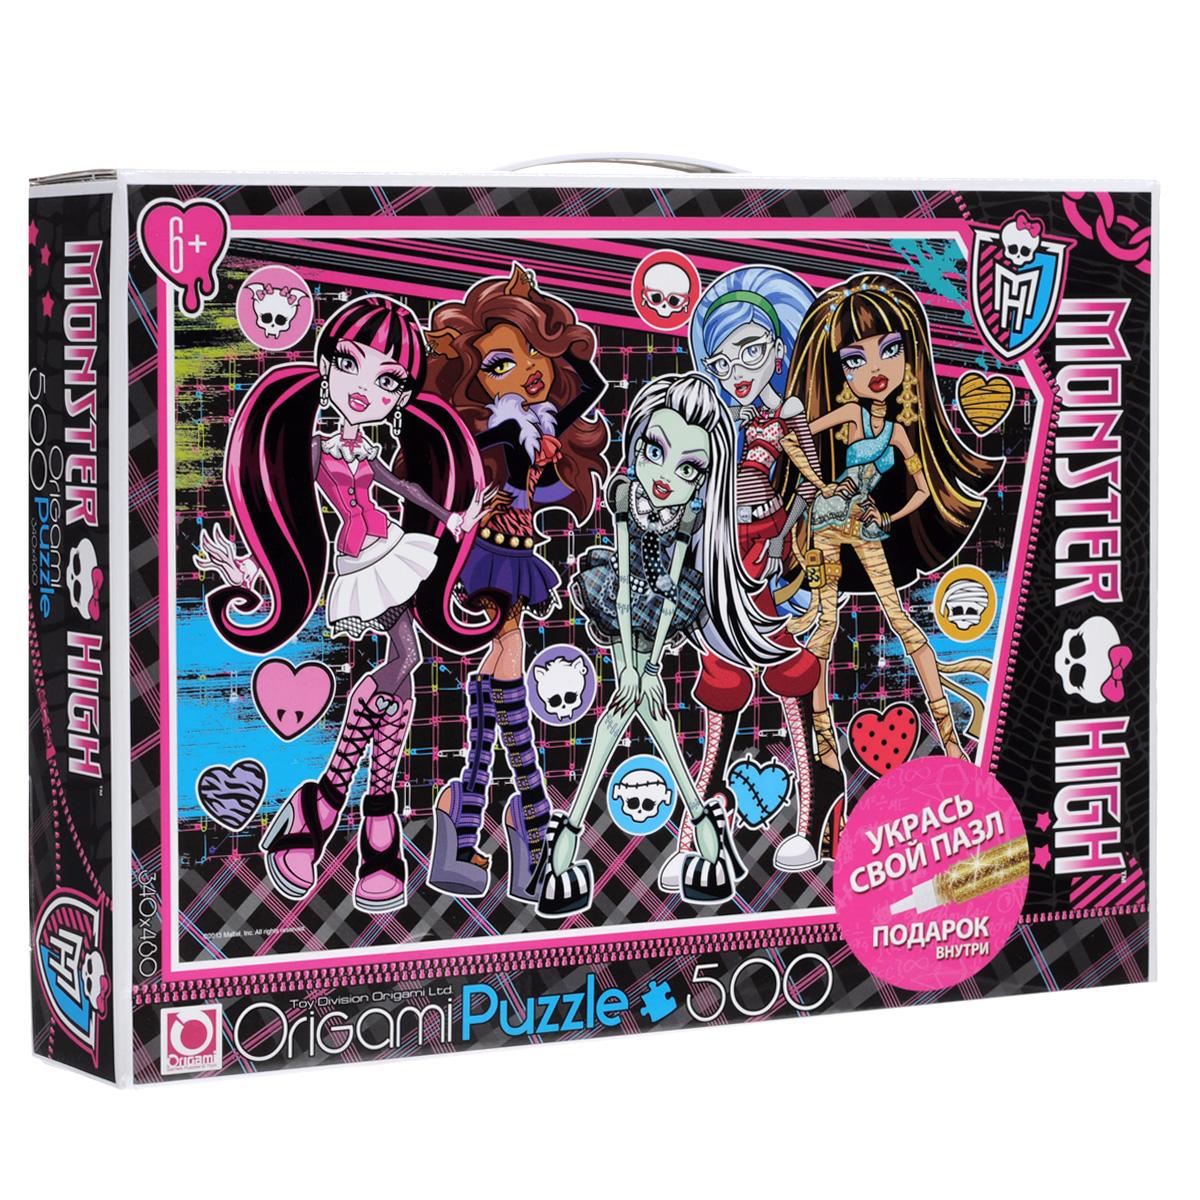 Monster High. Пазл, 500 элементов. 05489AST000000000144560Пазл Школа монстров (Monster High), без сомнения, придется по душе любой поклоннице одноименного мультсериала. Собрав этот пазл, включающий в себя 500 элементов , вы получите великолепную цветную картину с изображением главных героинь - Клео де Нил, Гулии Йелпс, Эбби Боминейбл, Клодин Вульф, Оперетты и Лагуны Блю. Также ребенок может проявить фантазию, и украсить собранный пазл рисунками с помощью входящего в набор золотистого маркера. Пазлы - прекрасное антистрессовое средство и замечательная развивающая игра для детей. Собирание пазла развивает у ребенка мелкую моторику рук, тренирует наблюдательность, логическое мышление, учит усидчивости и терпению, аккуратности и вниманию. Получившееся яркое изображение героинь мультфильма станет отличным украшением детской комнаты.